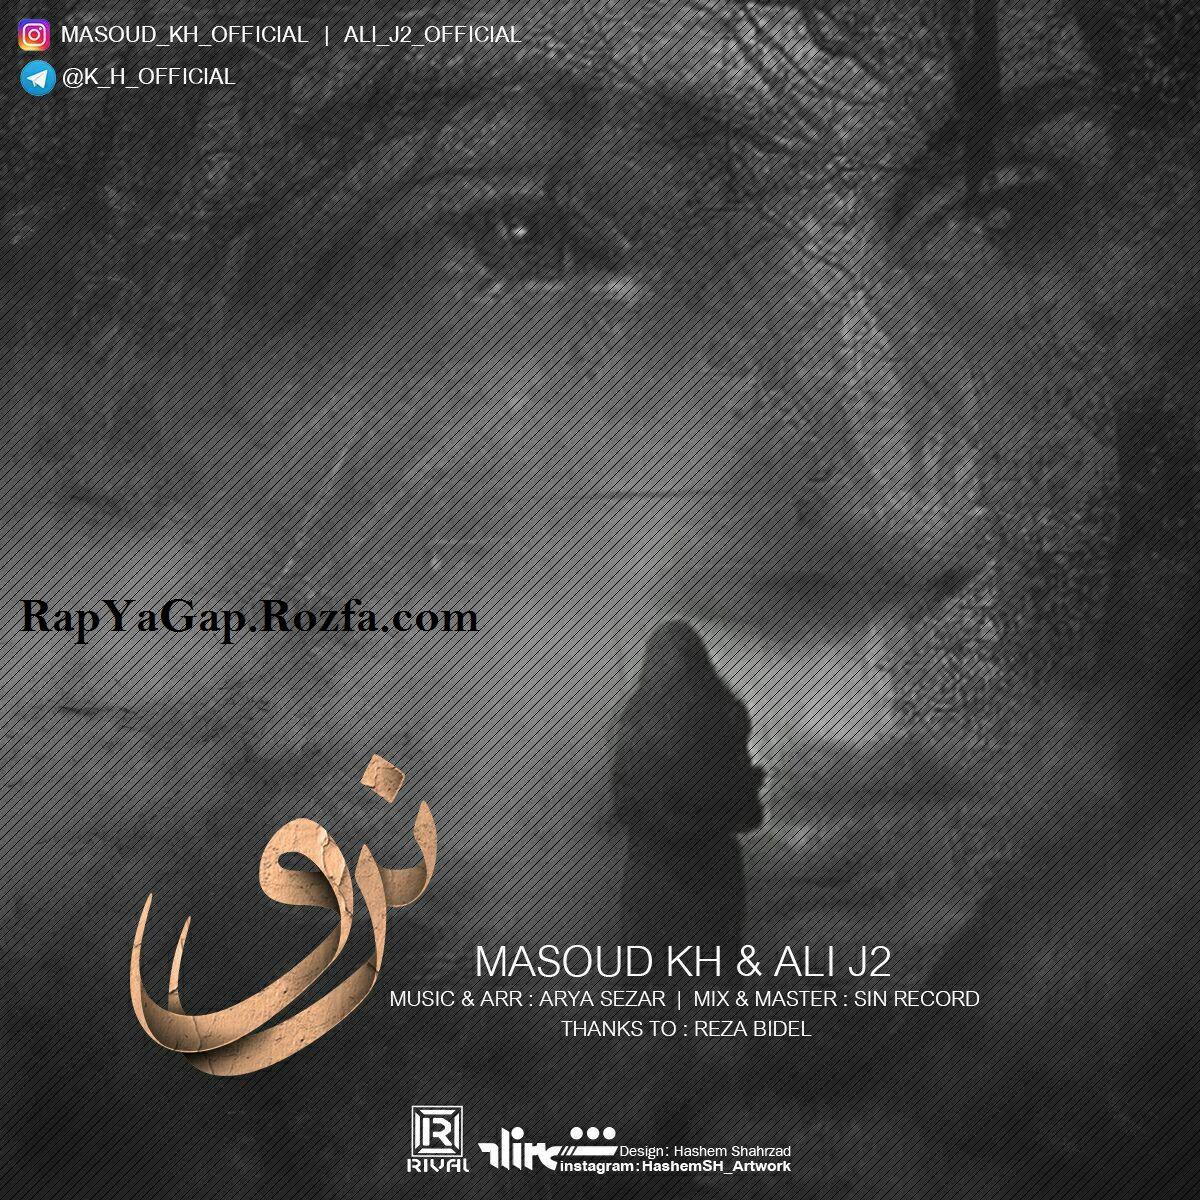 دانلود آهنگ جدید مسعود کی اچ و علی جی2 با نام نرو